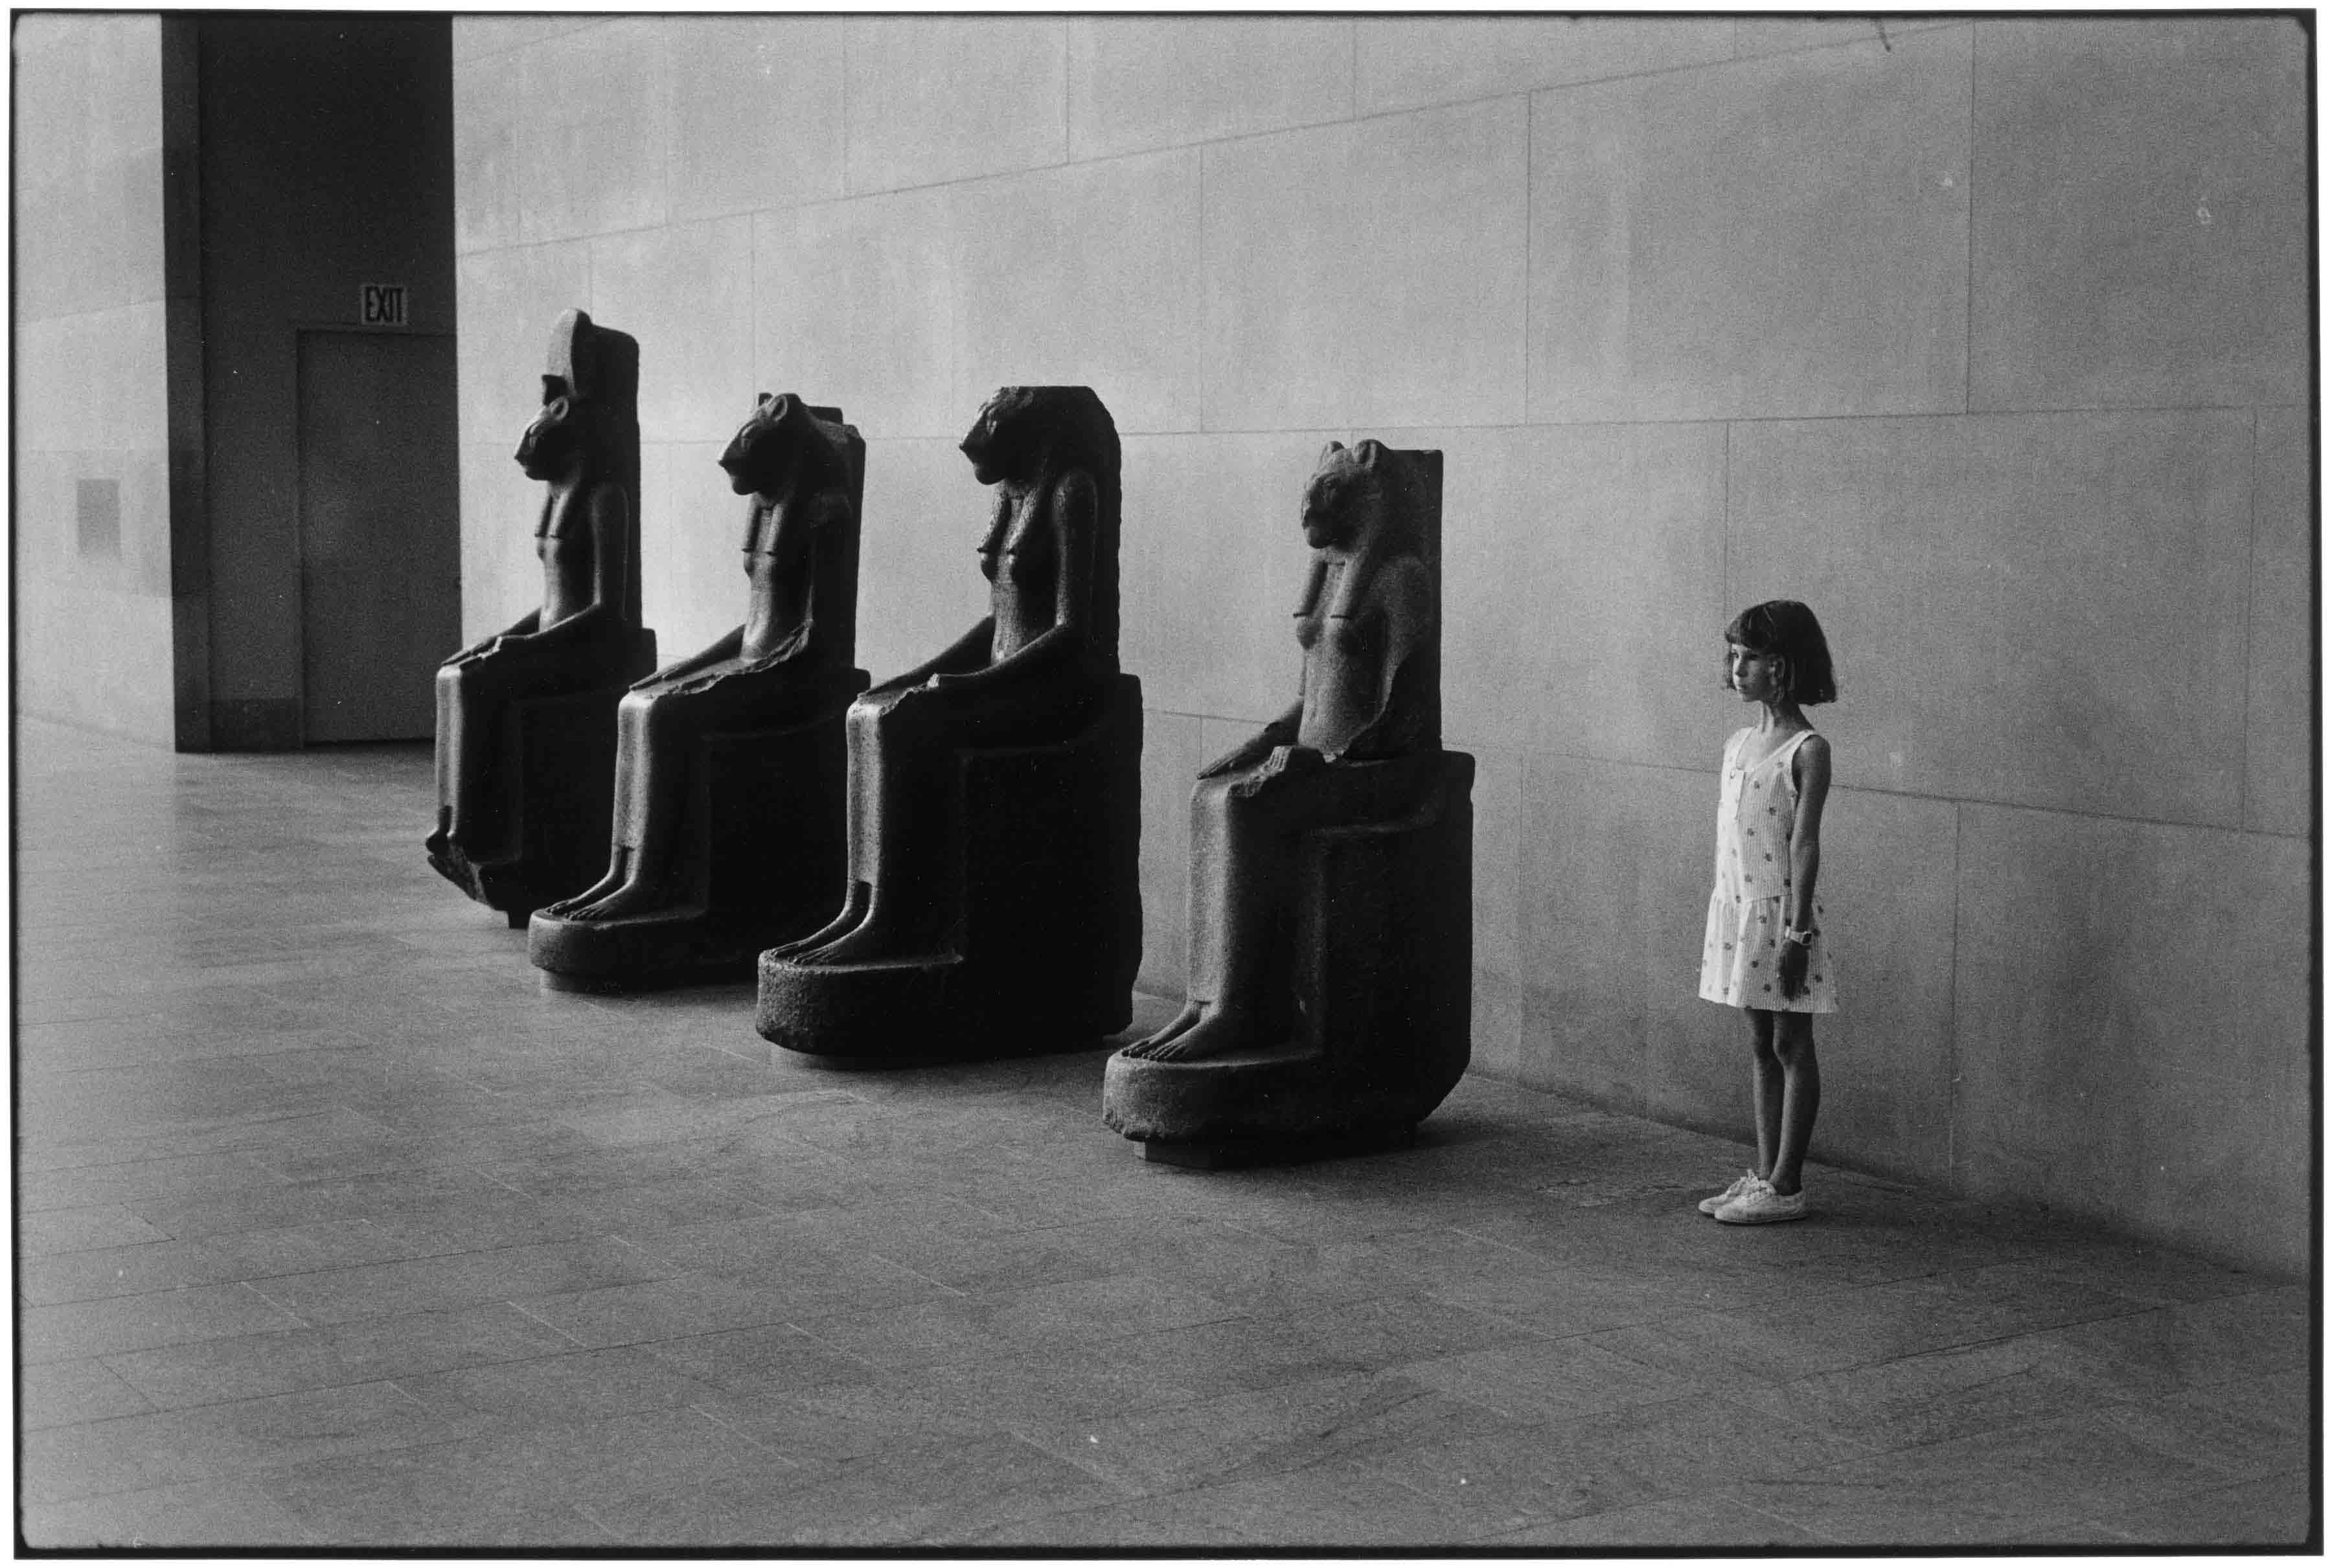 Resultado de imagem para The Metropolitan Museum of Art, New York City, 1988. Photo by Elliott Erwitt/Magnum